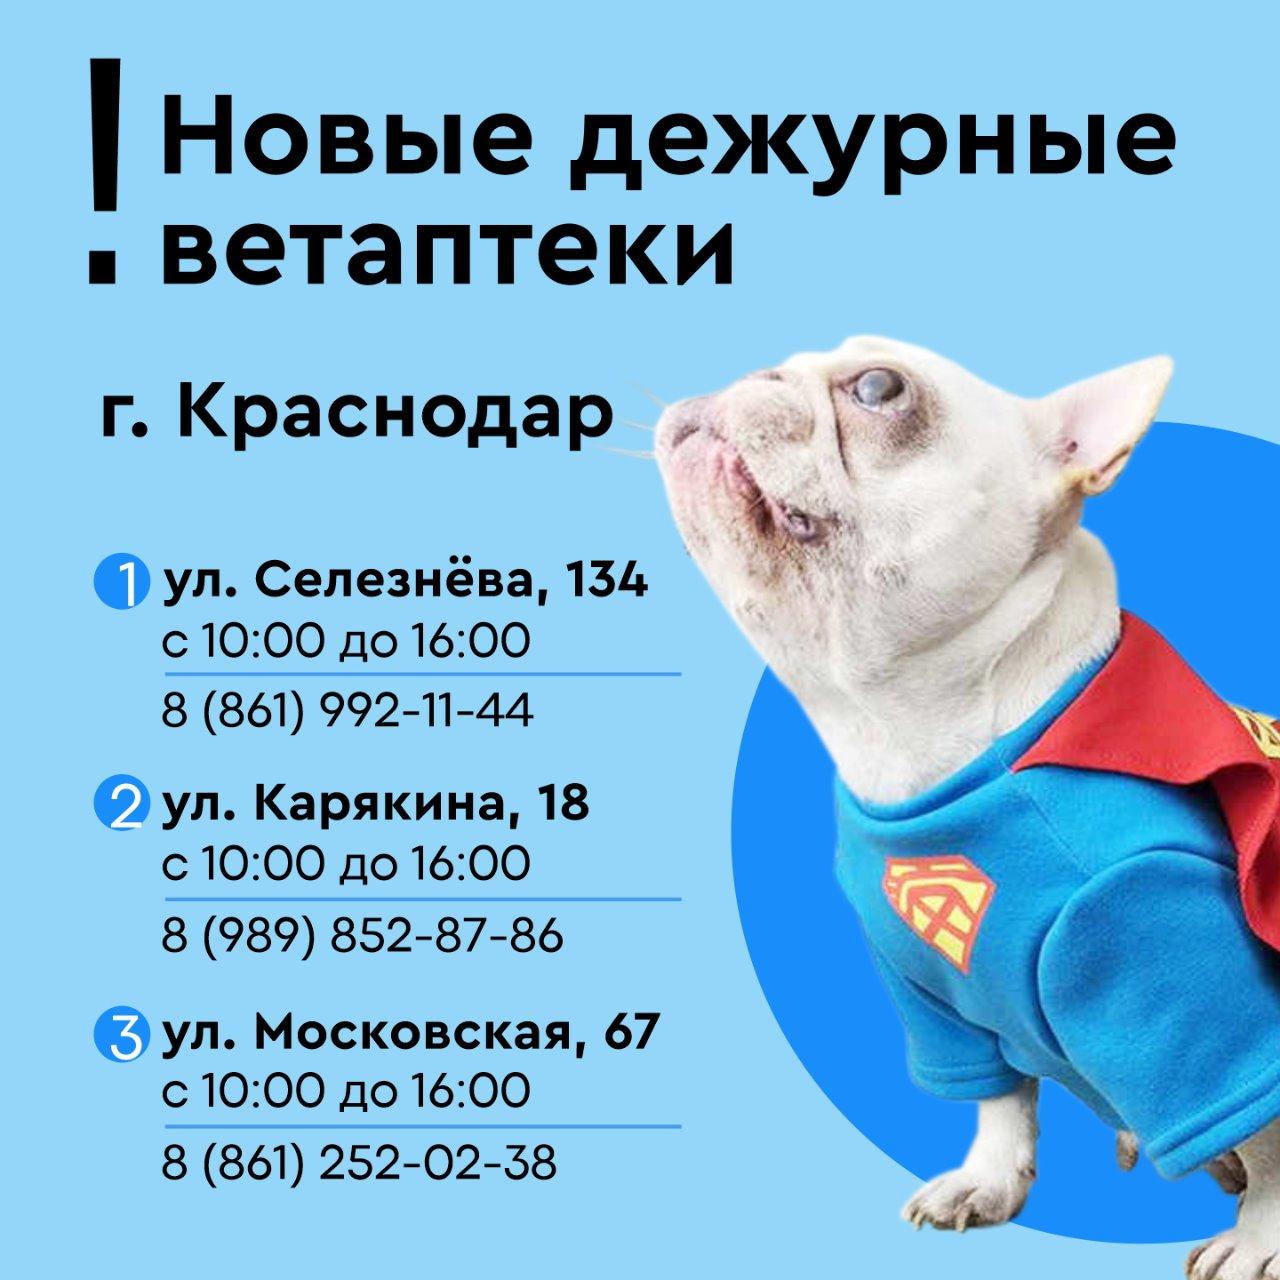 Новые дежурные ветаптеки в Краснодаре !